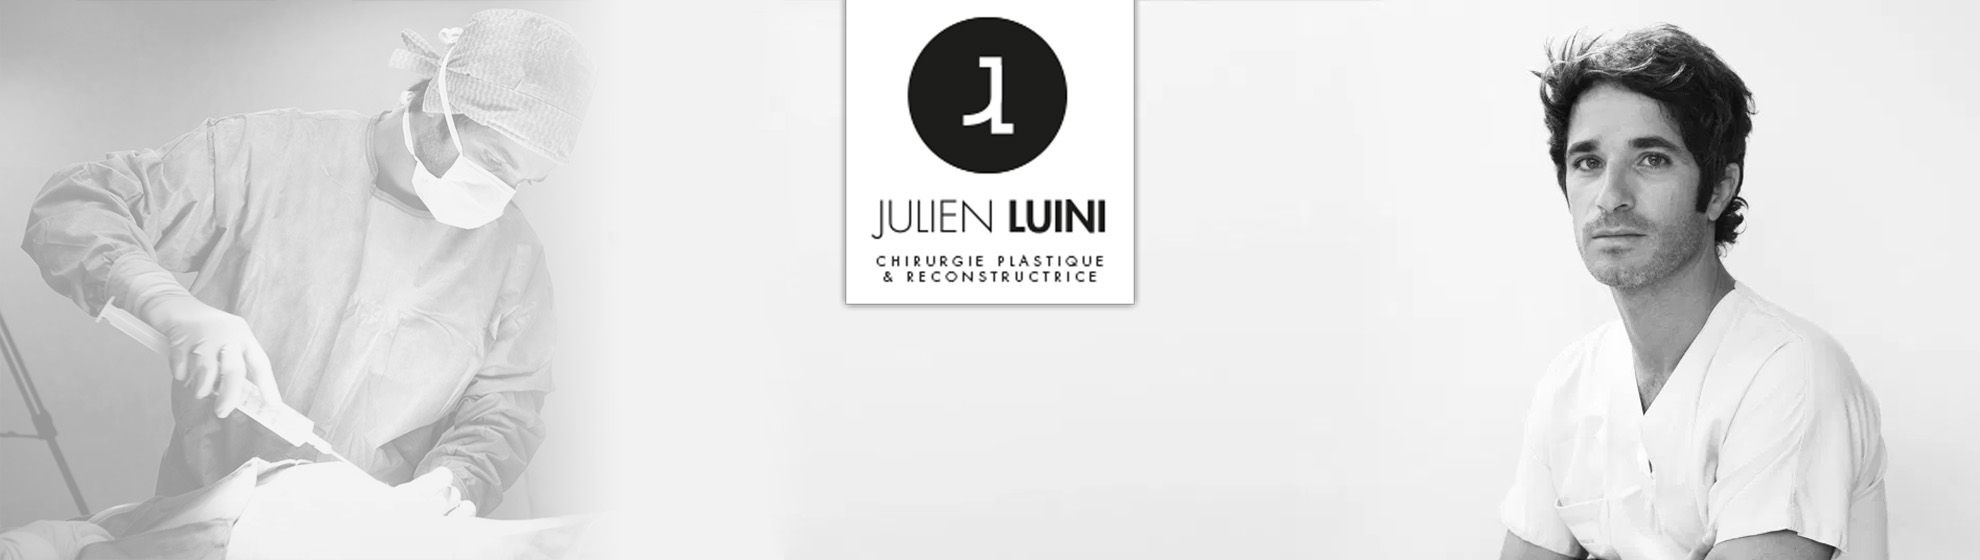 Dr Julien Luini